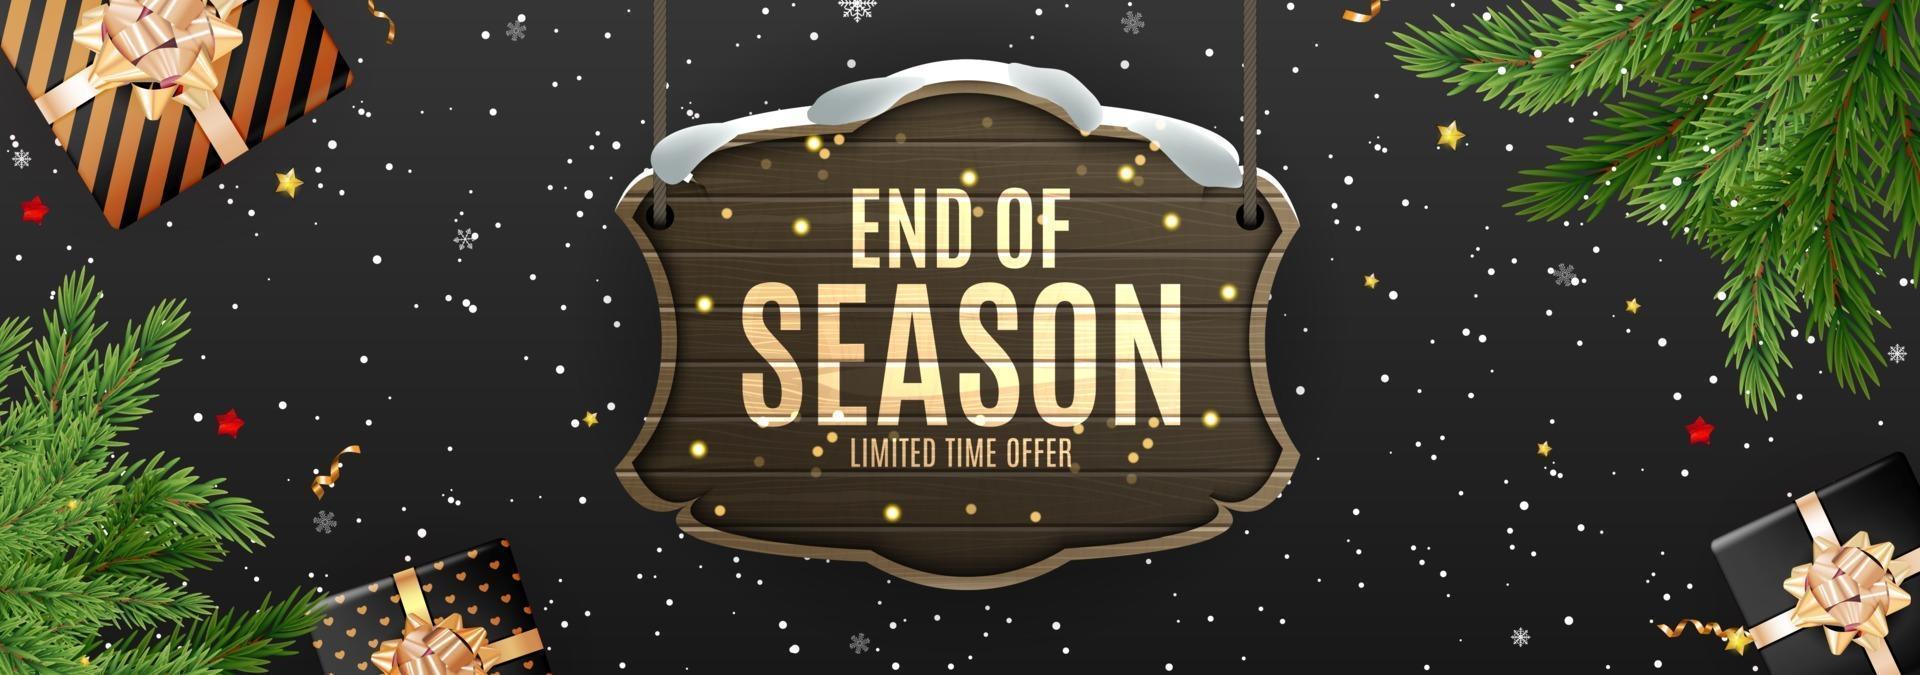 Winter Ende der Saison Verkauf Hintergrund Design. Vorlage für Werbung, Web, Social Media und Modewerbung. vektor